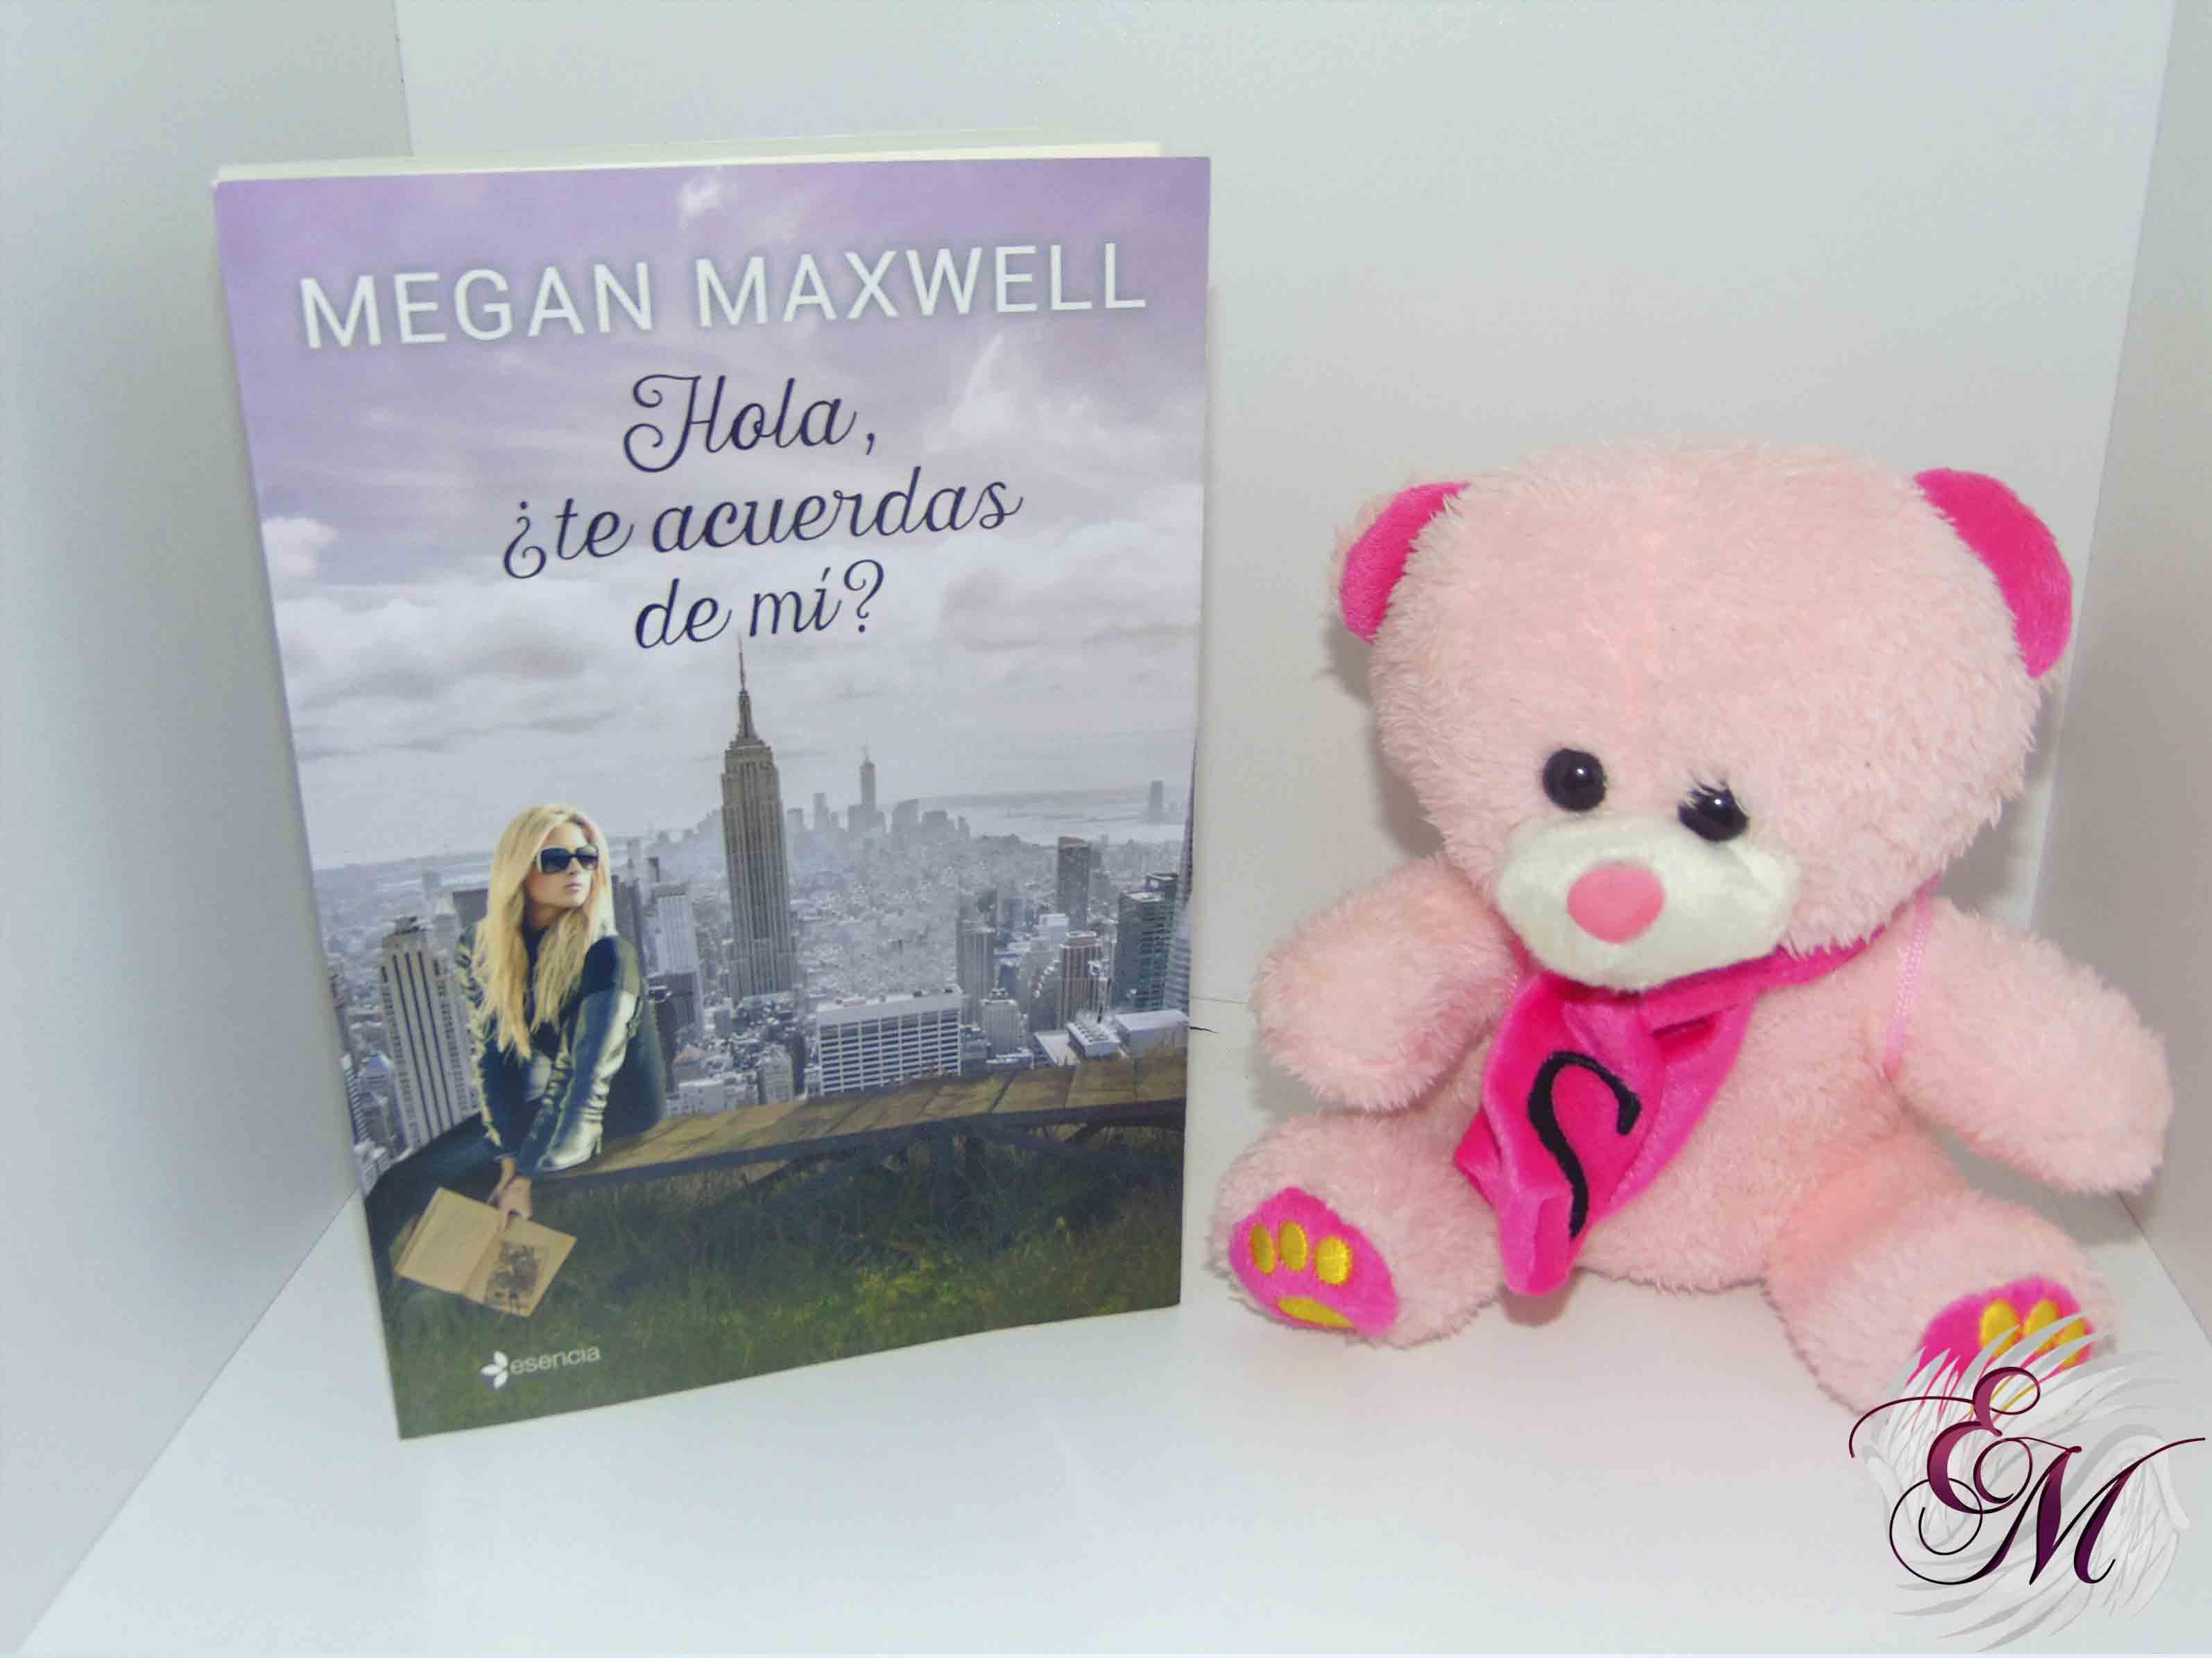 Hola ¿te acuerdas de mí?, de Megan Maxwell - Reseña